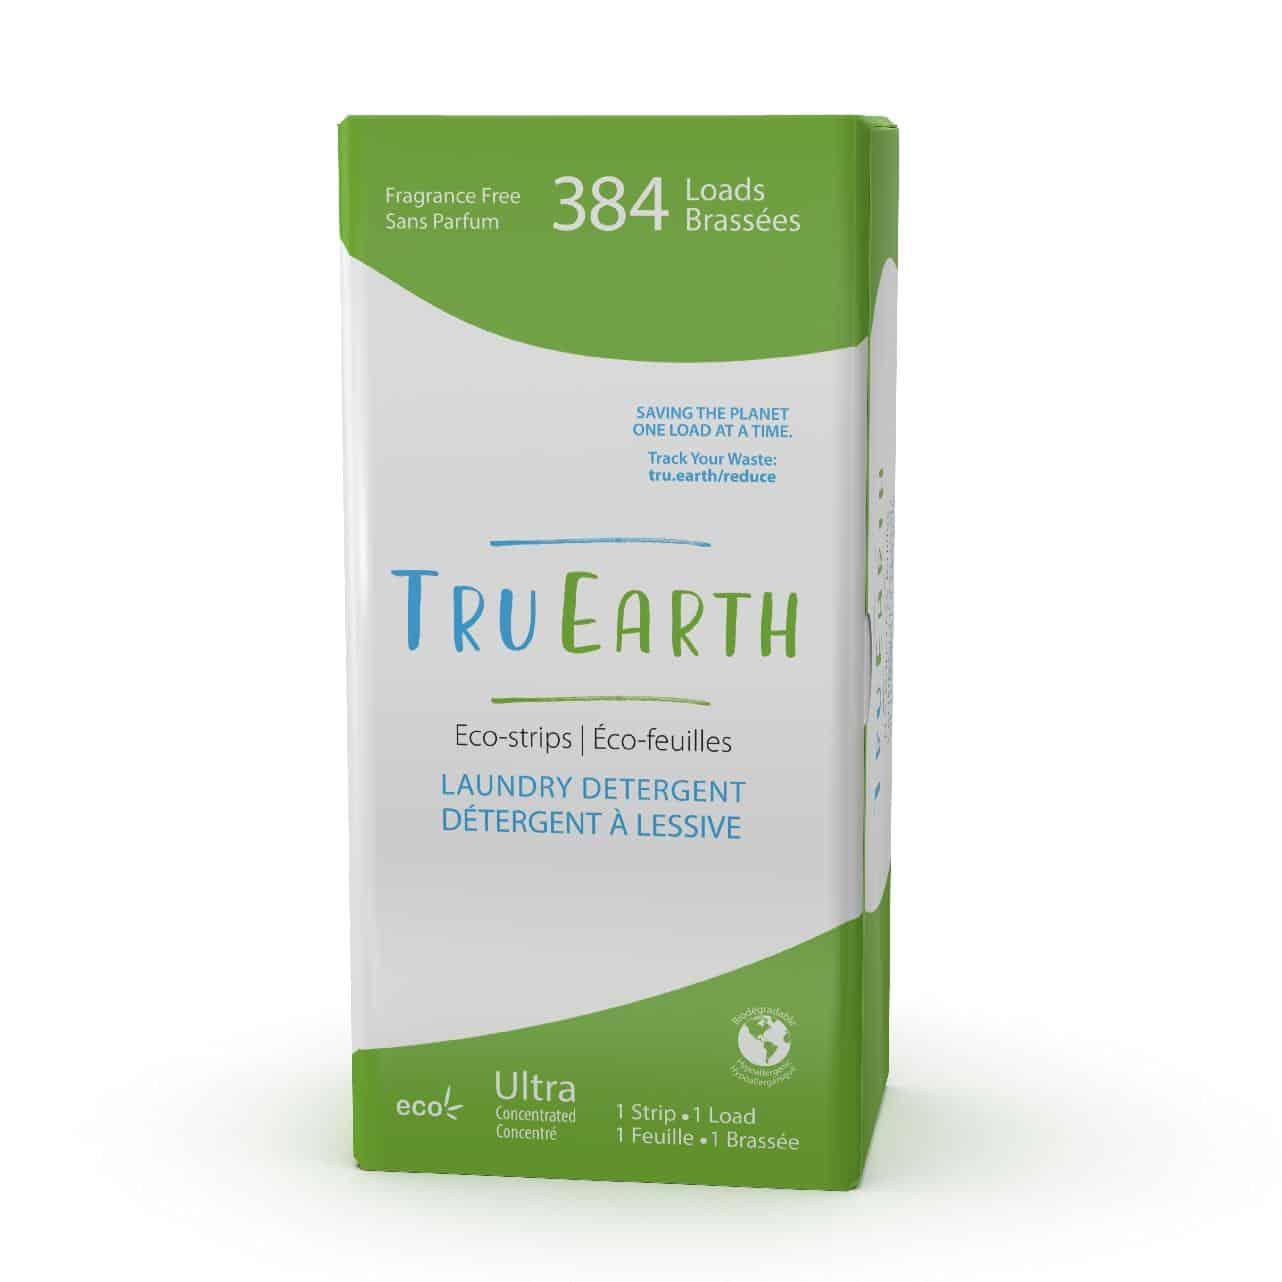 Tru Earth - Tru Earth Eco-strips Laundry Detergent (Fragrance-free) – 384 Loads | NOW: $149.00